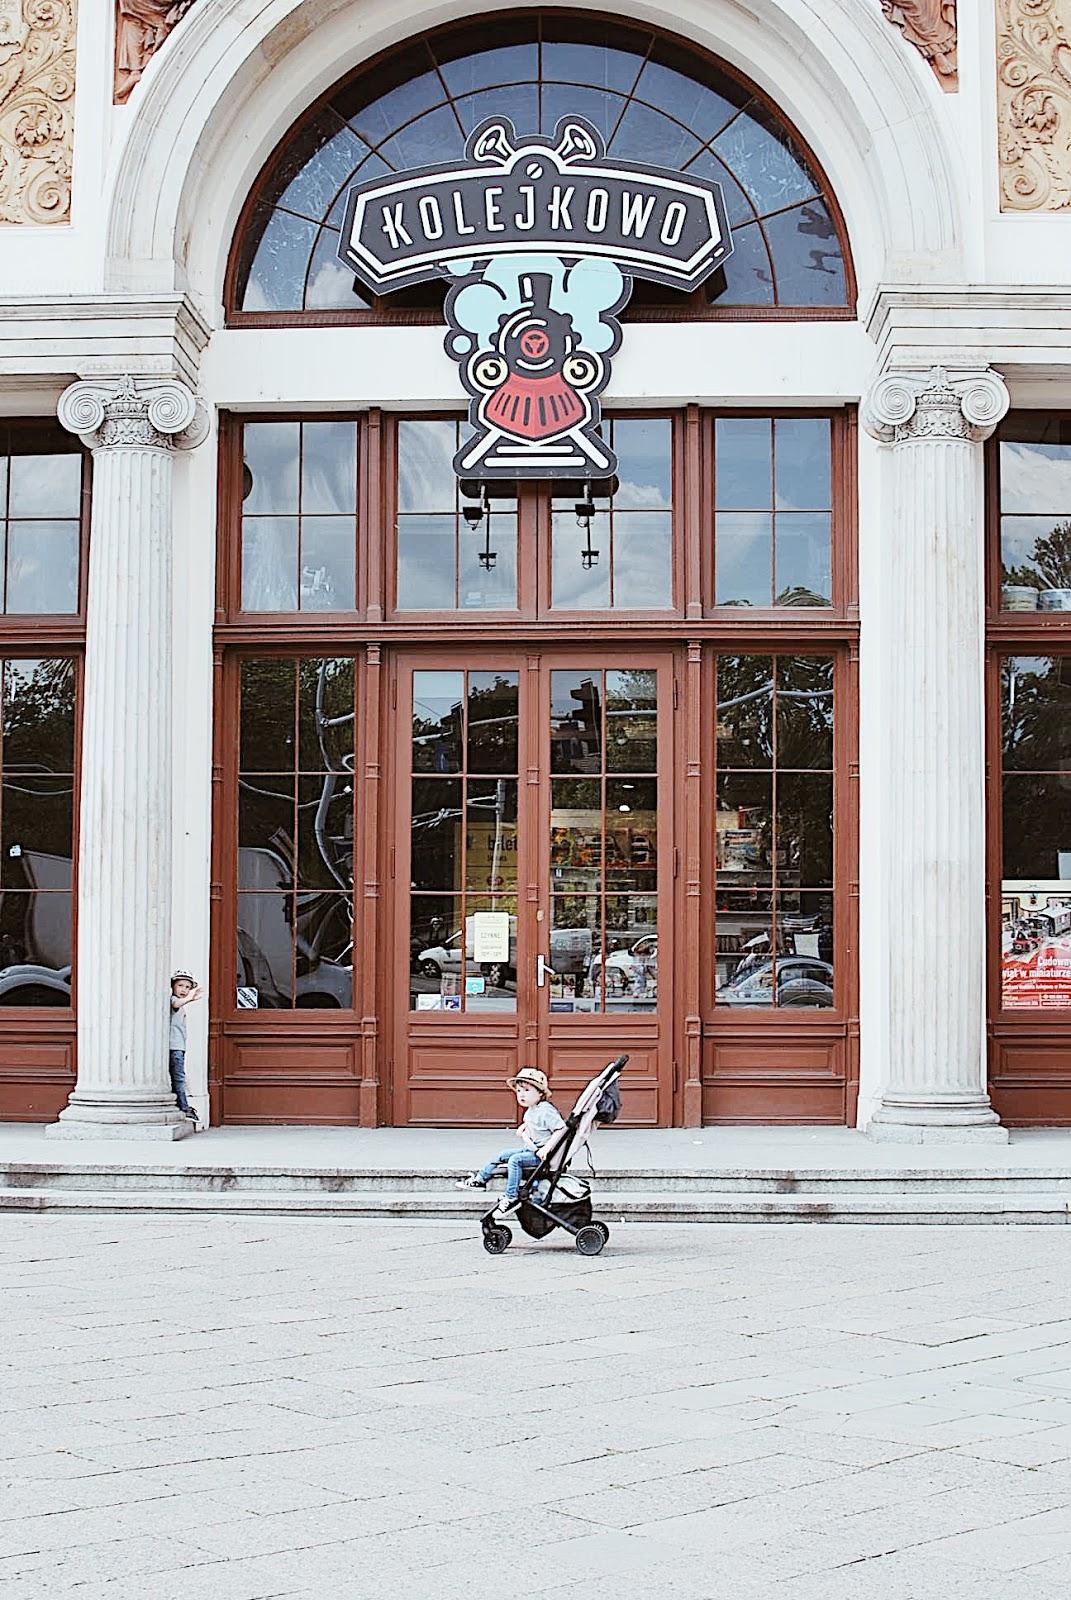 Kolejkowo we Wrocławiu - proszę wsiadać, drzwi zamykać!